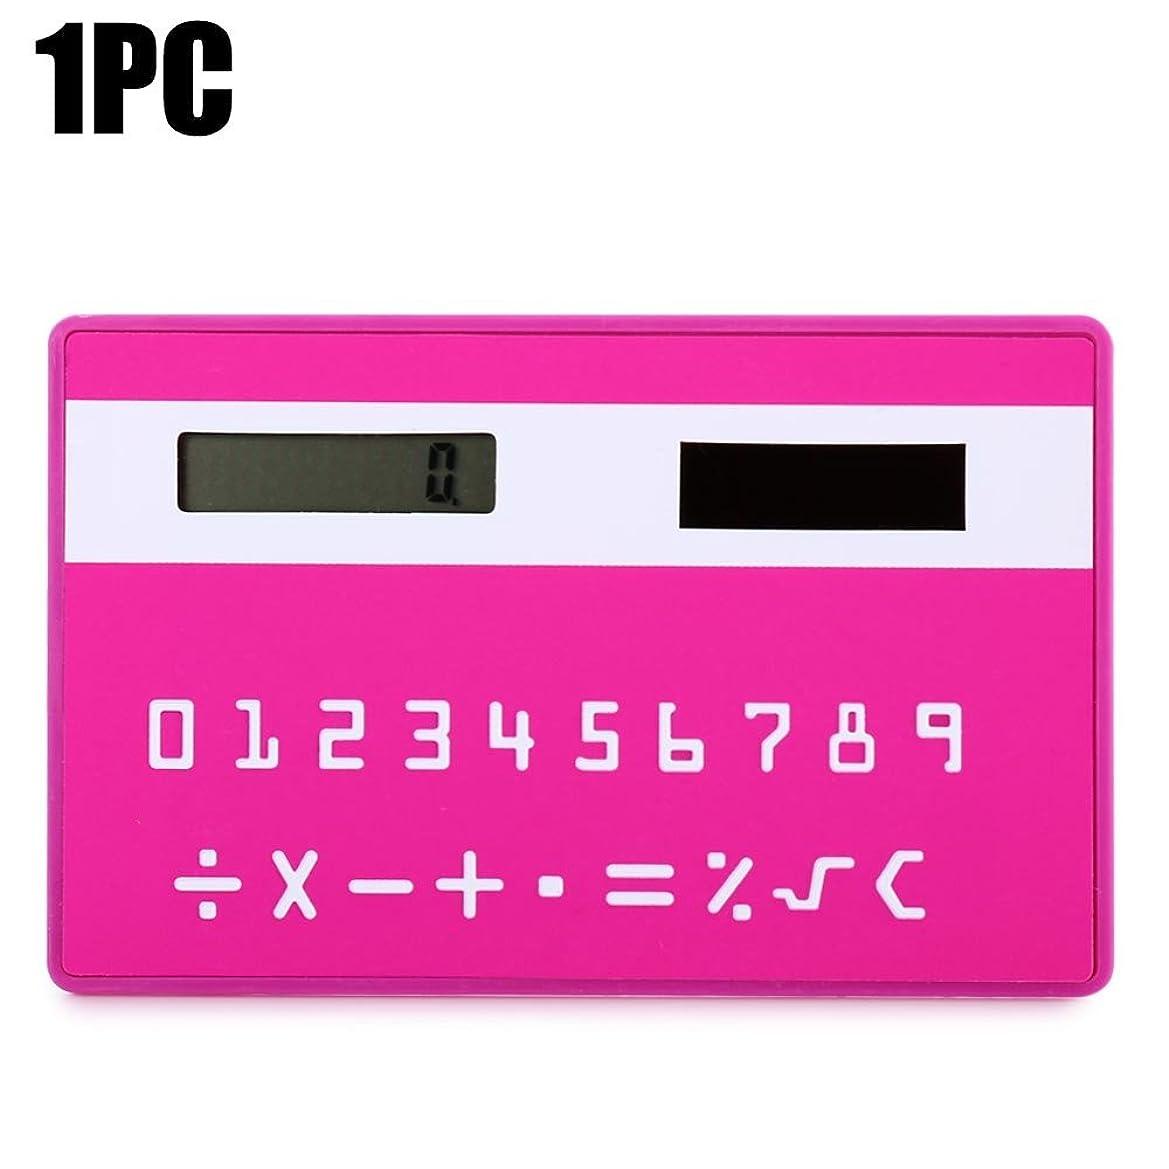 特権化学たぶんカード電卓ソーラーカード電卓スリム電卓クリエイティブ電卓ローズ